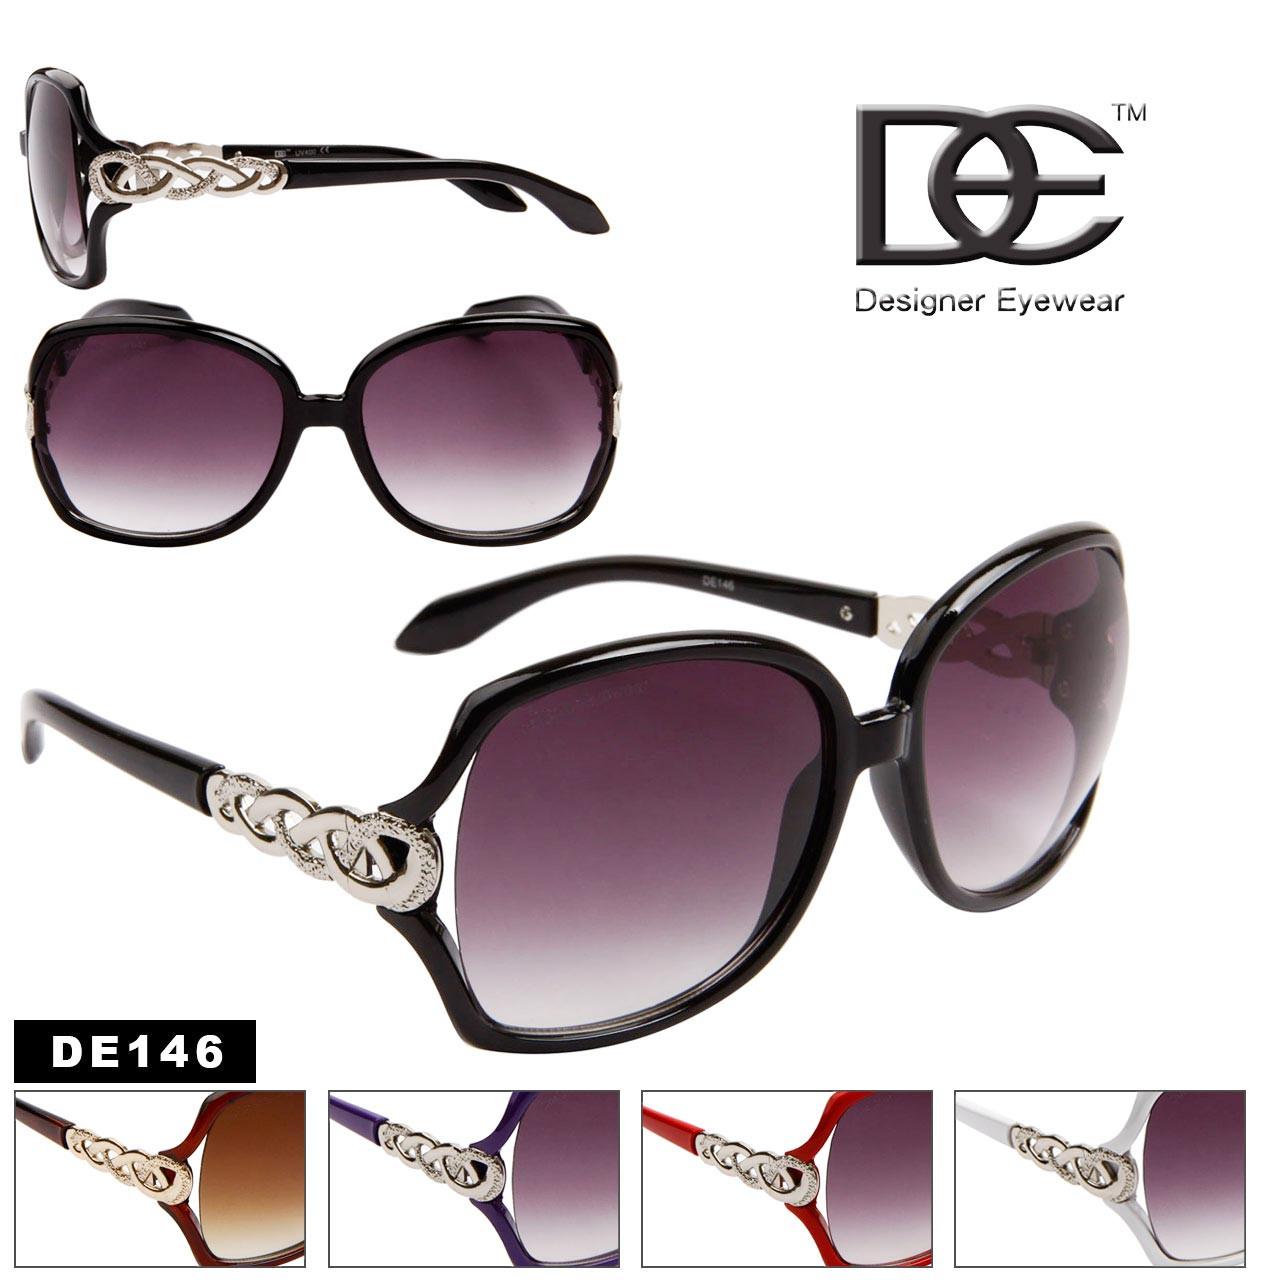 Designer Eyewear DE146